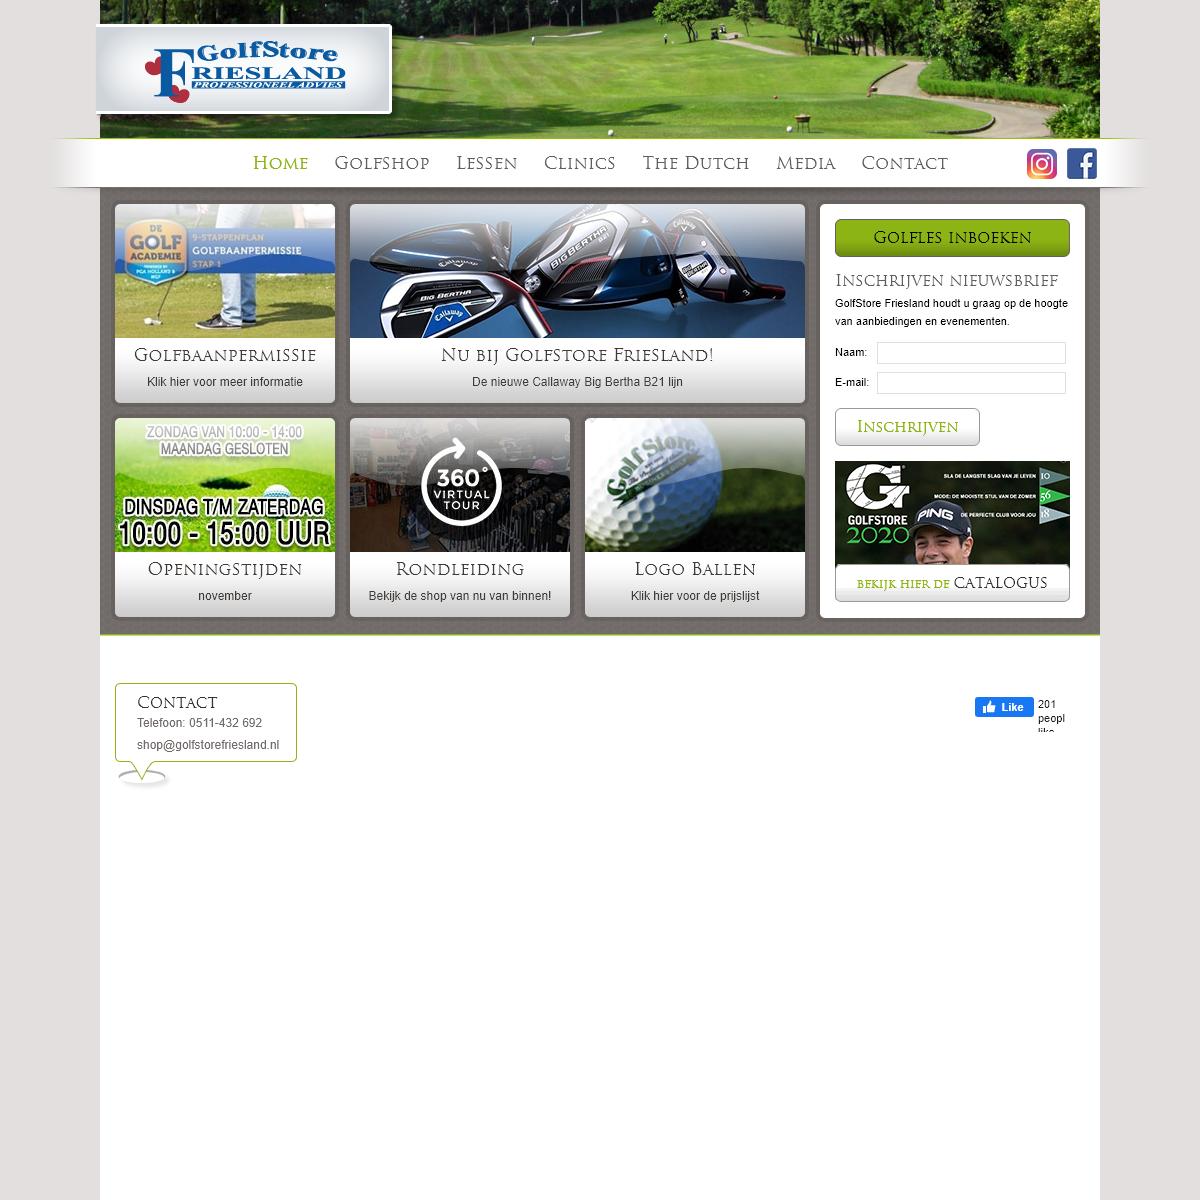 GolfStore Friesland - Home